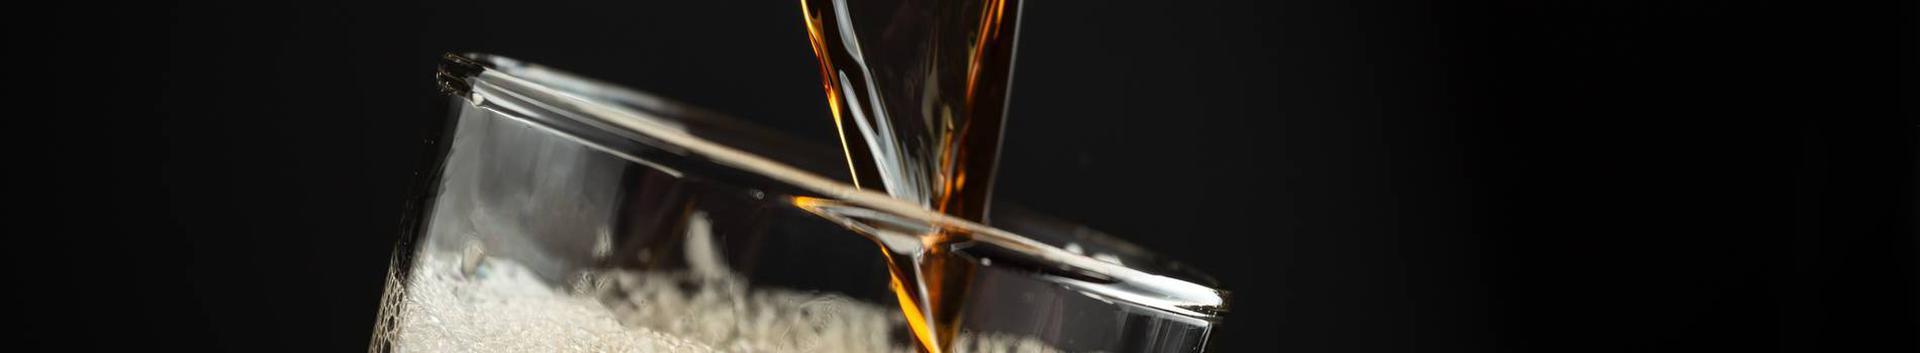 46341_alkoholi-hulgimuuk_83561201_xl.jpg